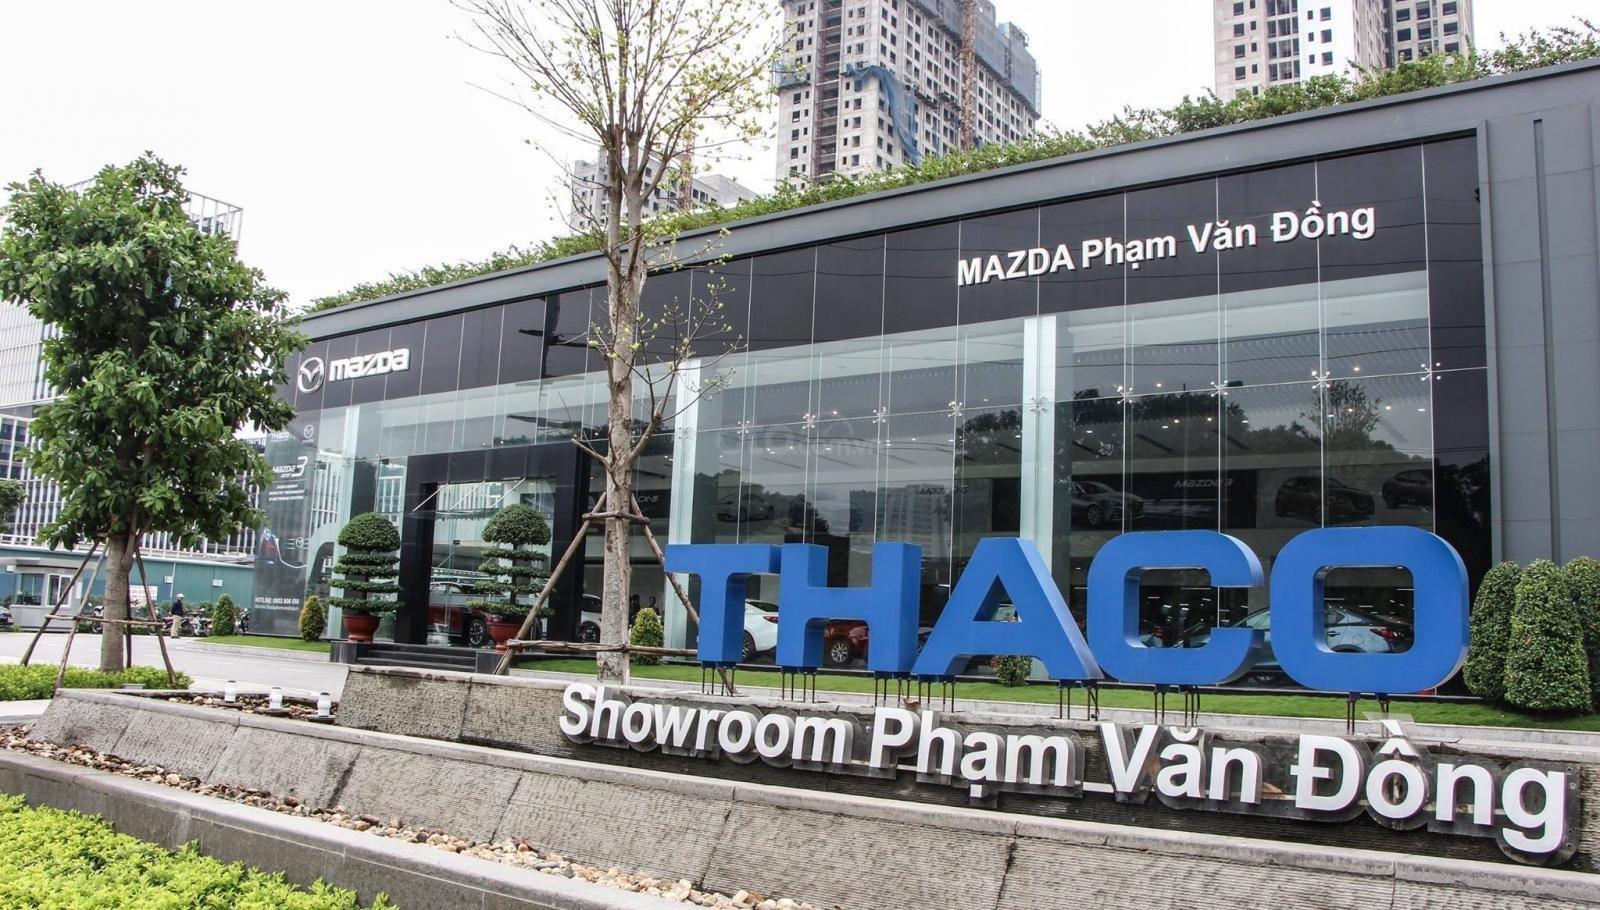 Mazda Phạm Văn Đồng (11)